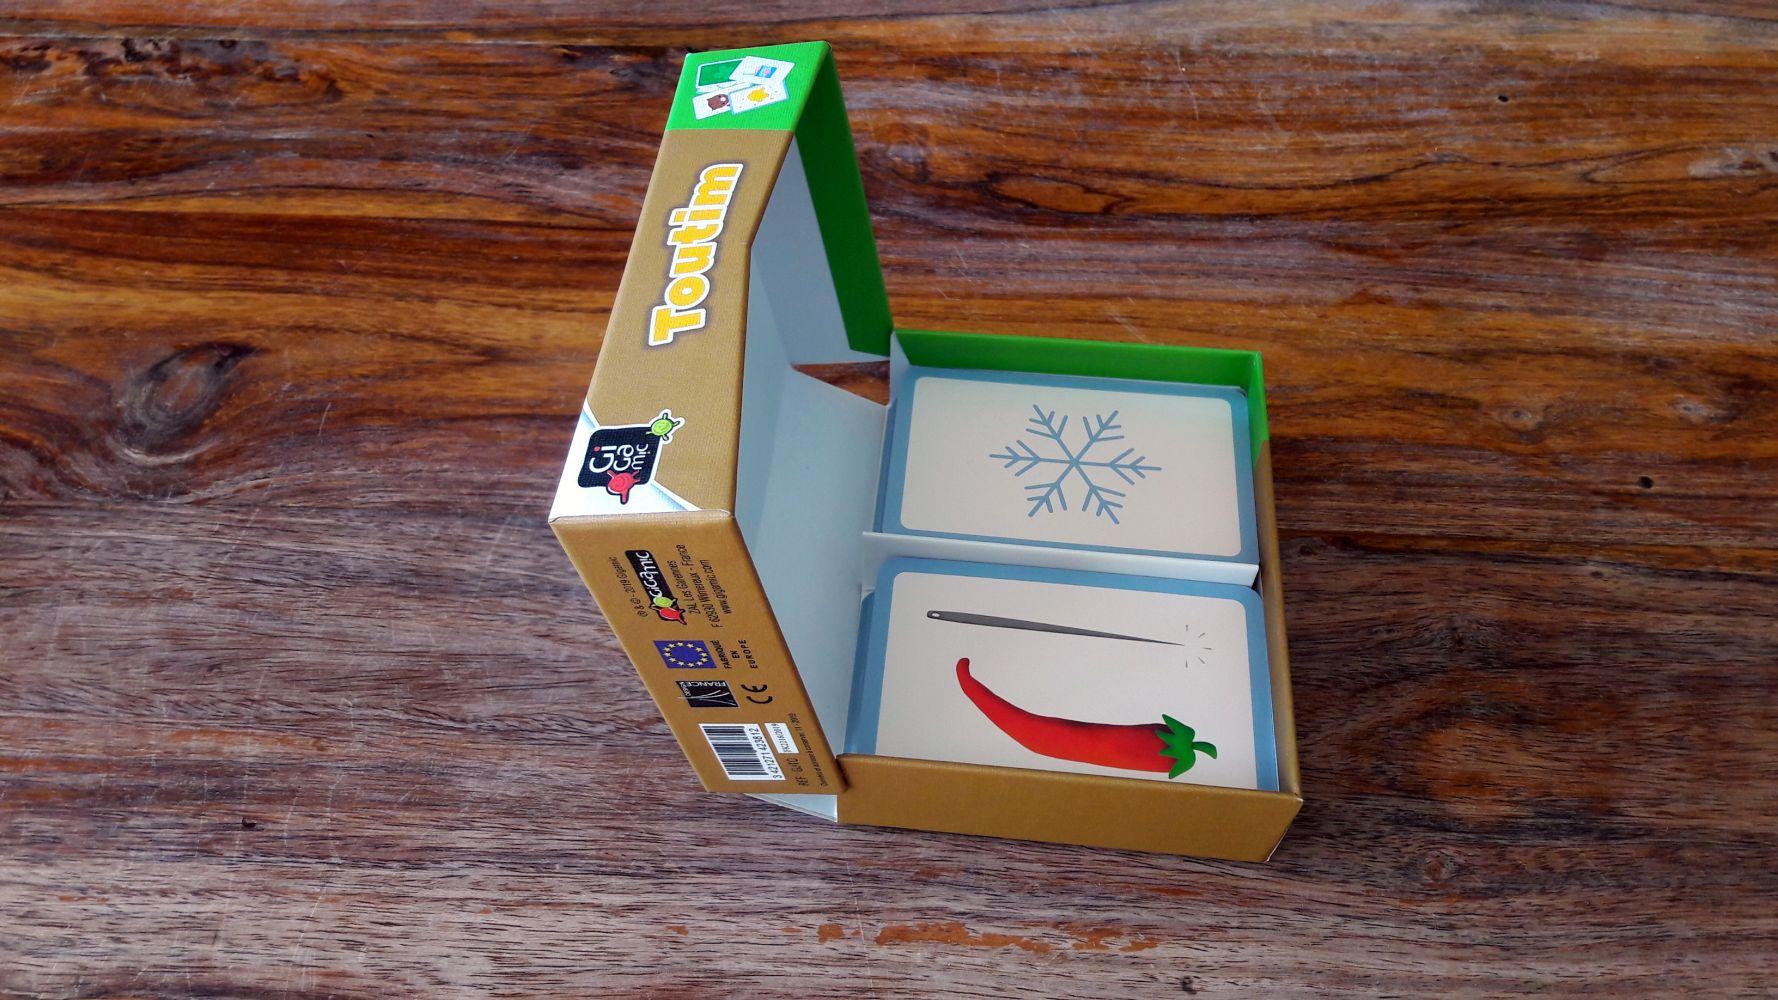 Bien pensé, on ne perdra pas le dessus de la boite et les cartes ne tomberont pas à chaque ouverture de la boite.